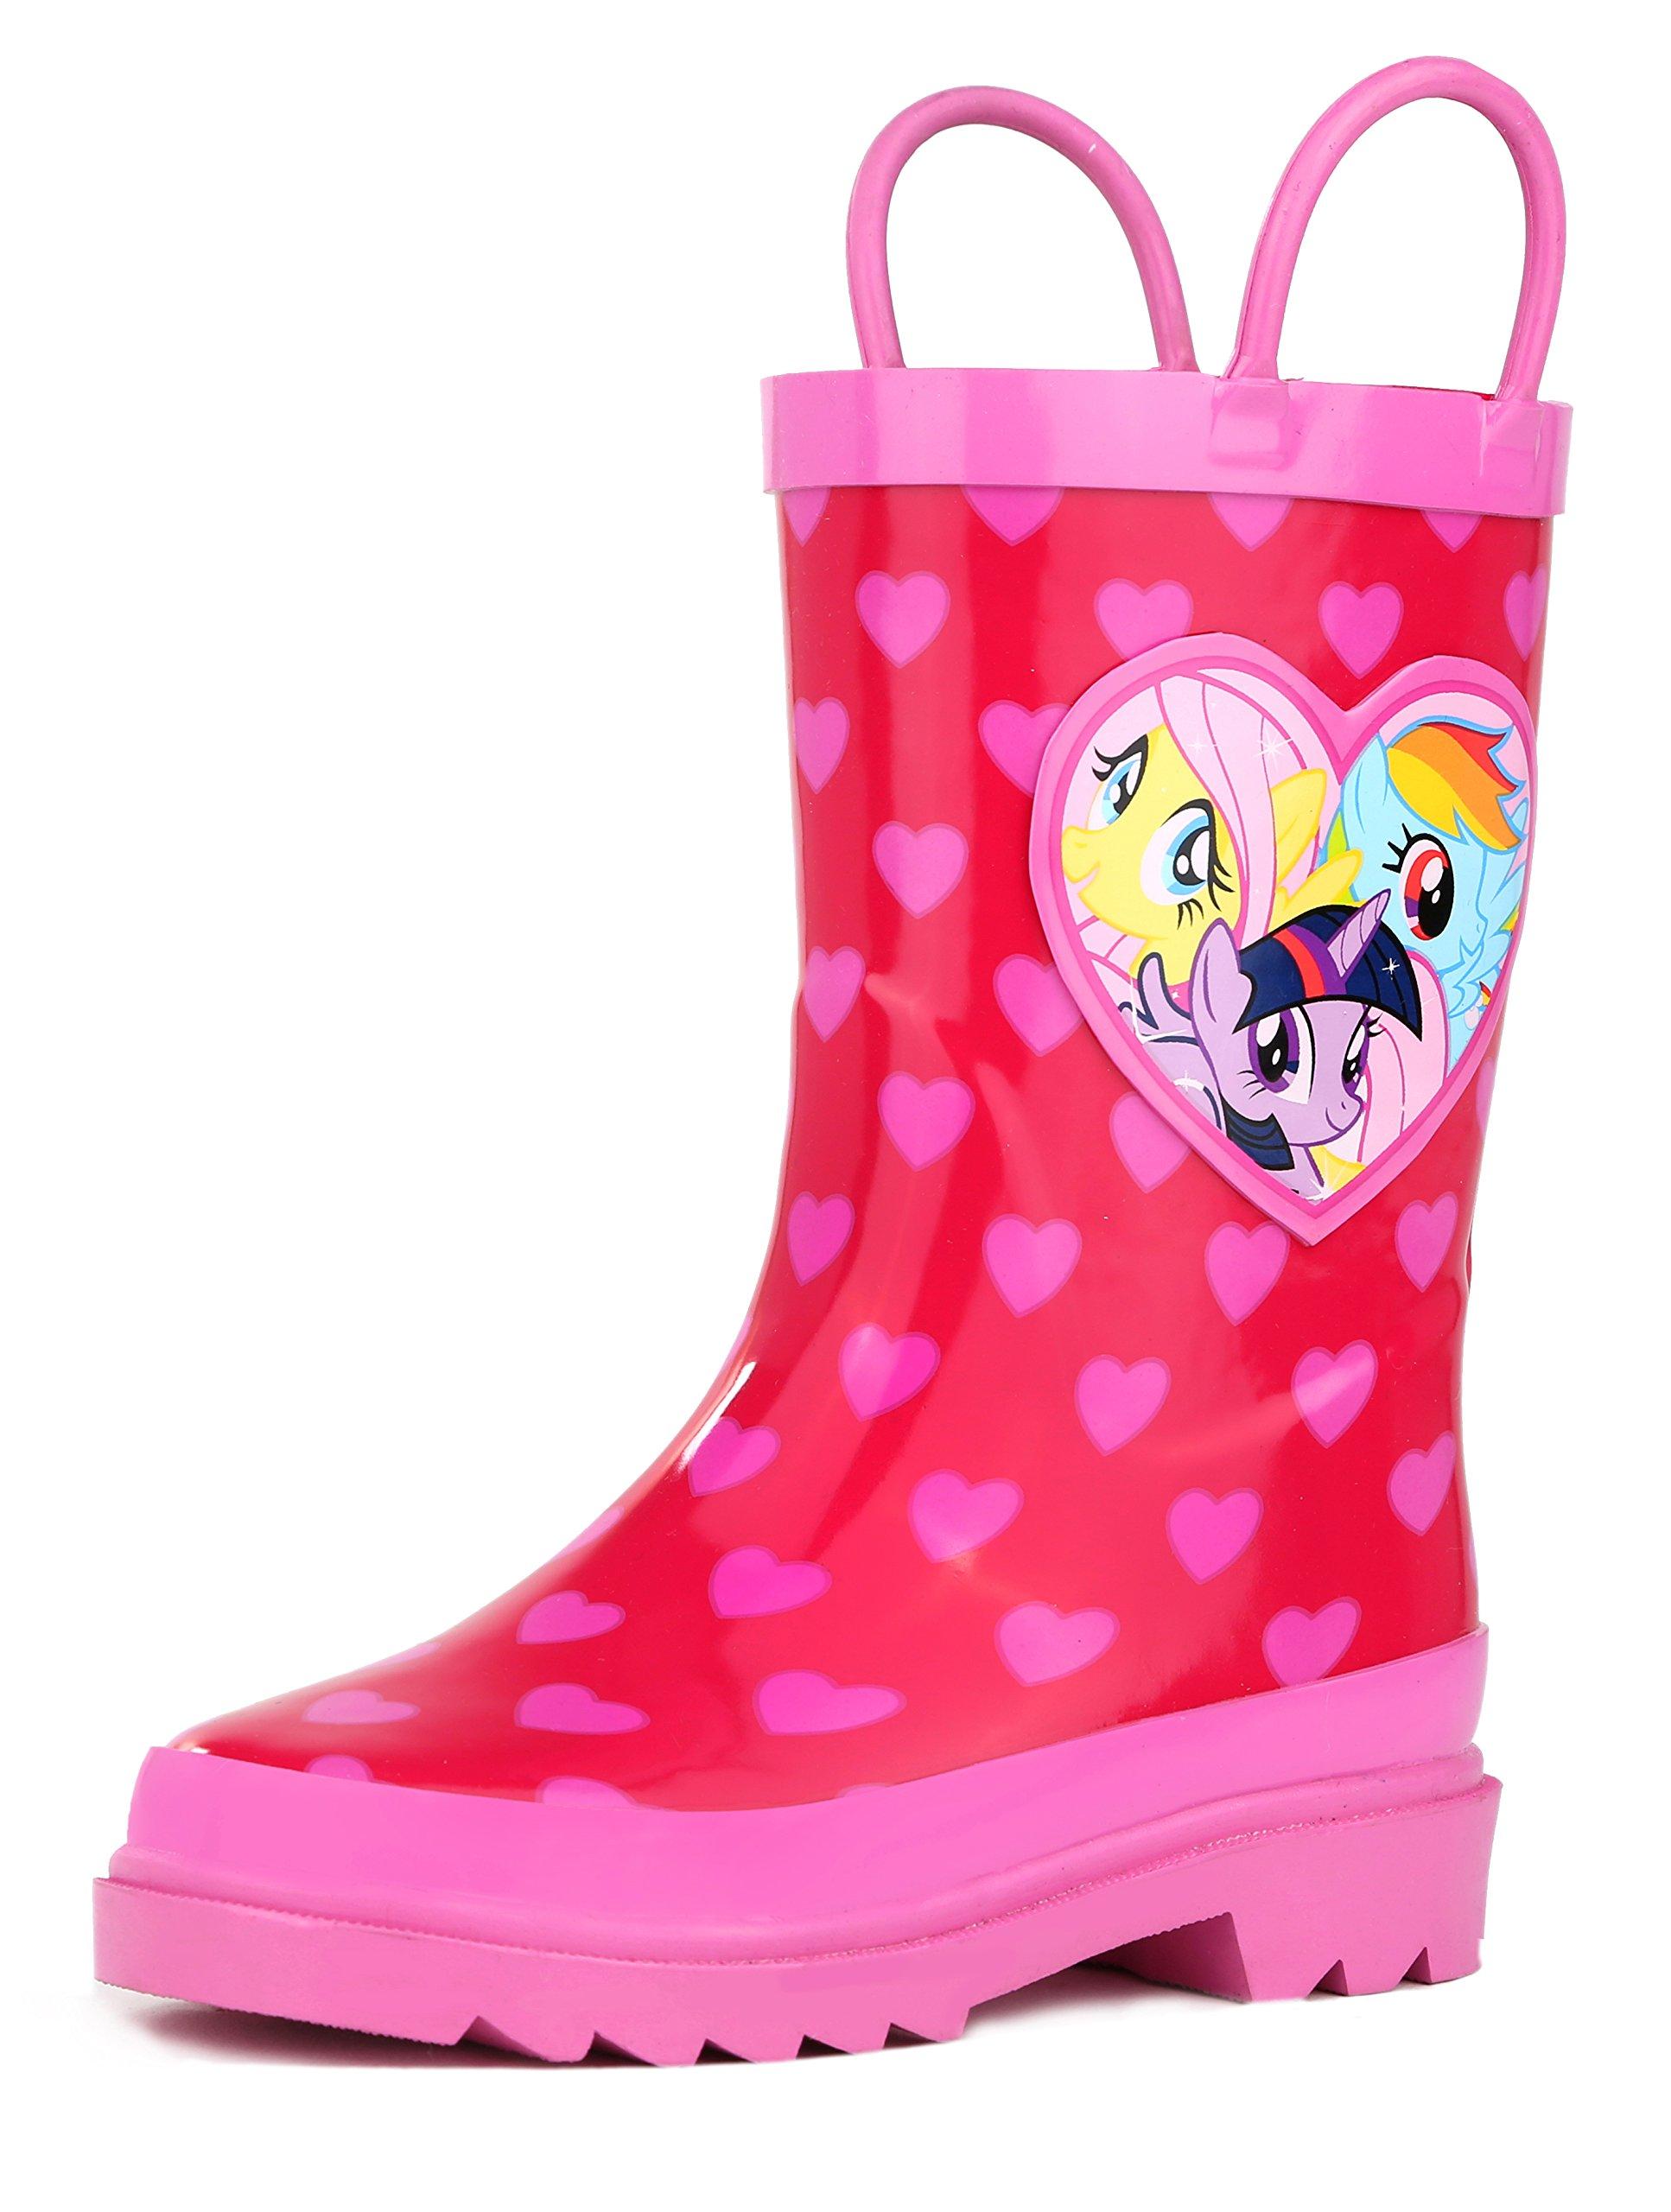 My Little Pony Rainbow Girl's Pink Rain Boots - Size 11 Little Kid